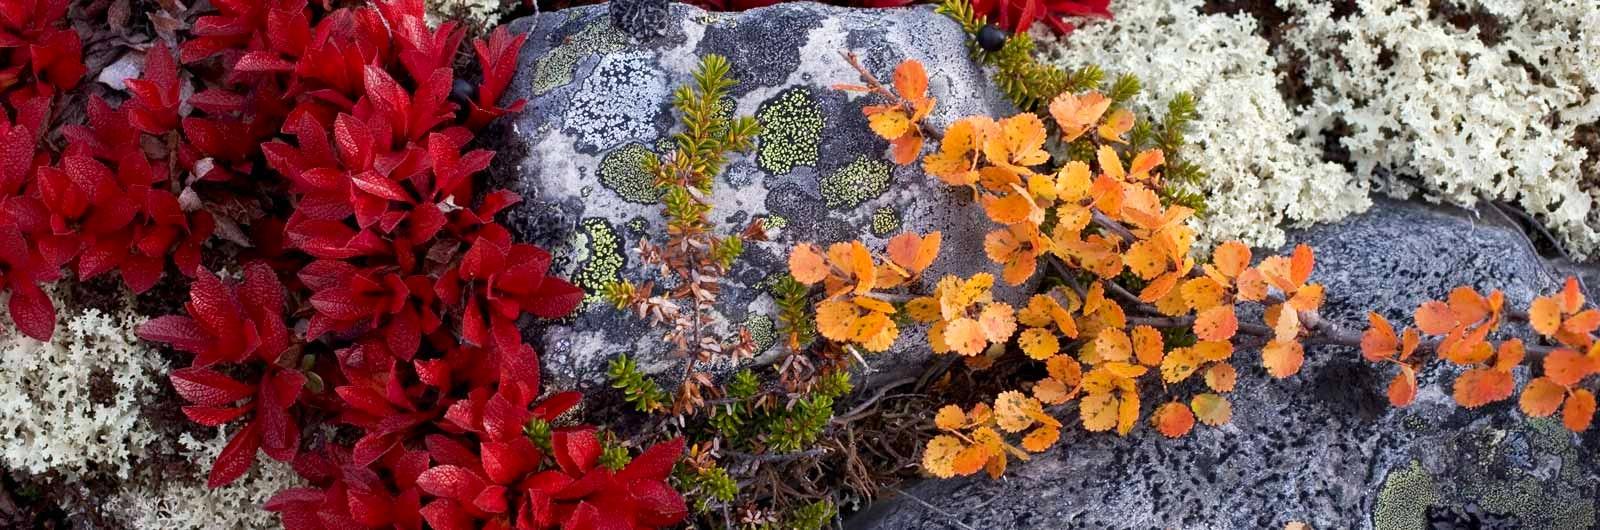 Färgglada lavar på klippa